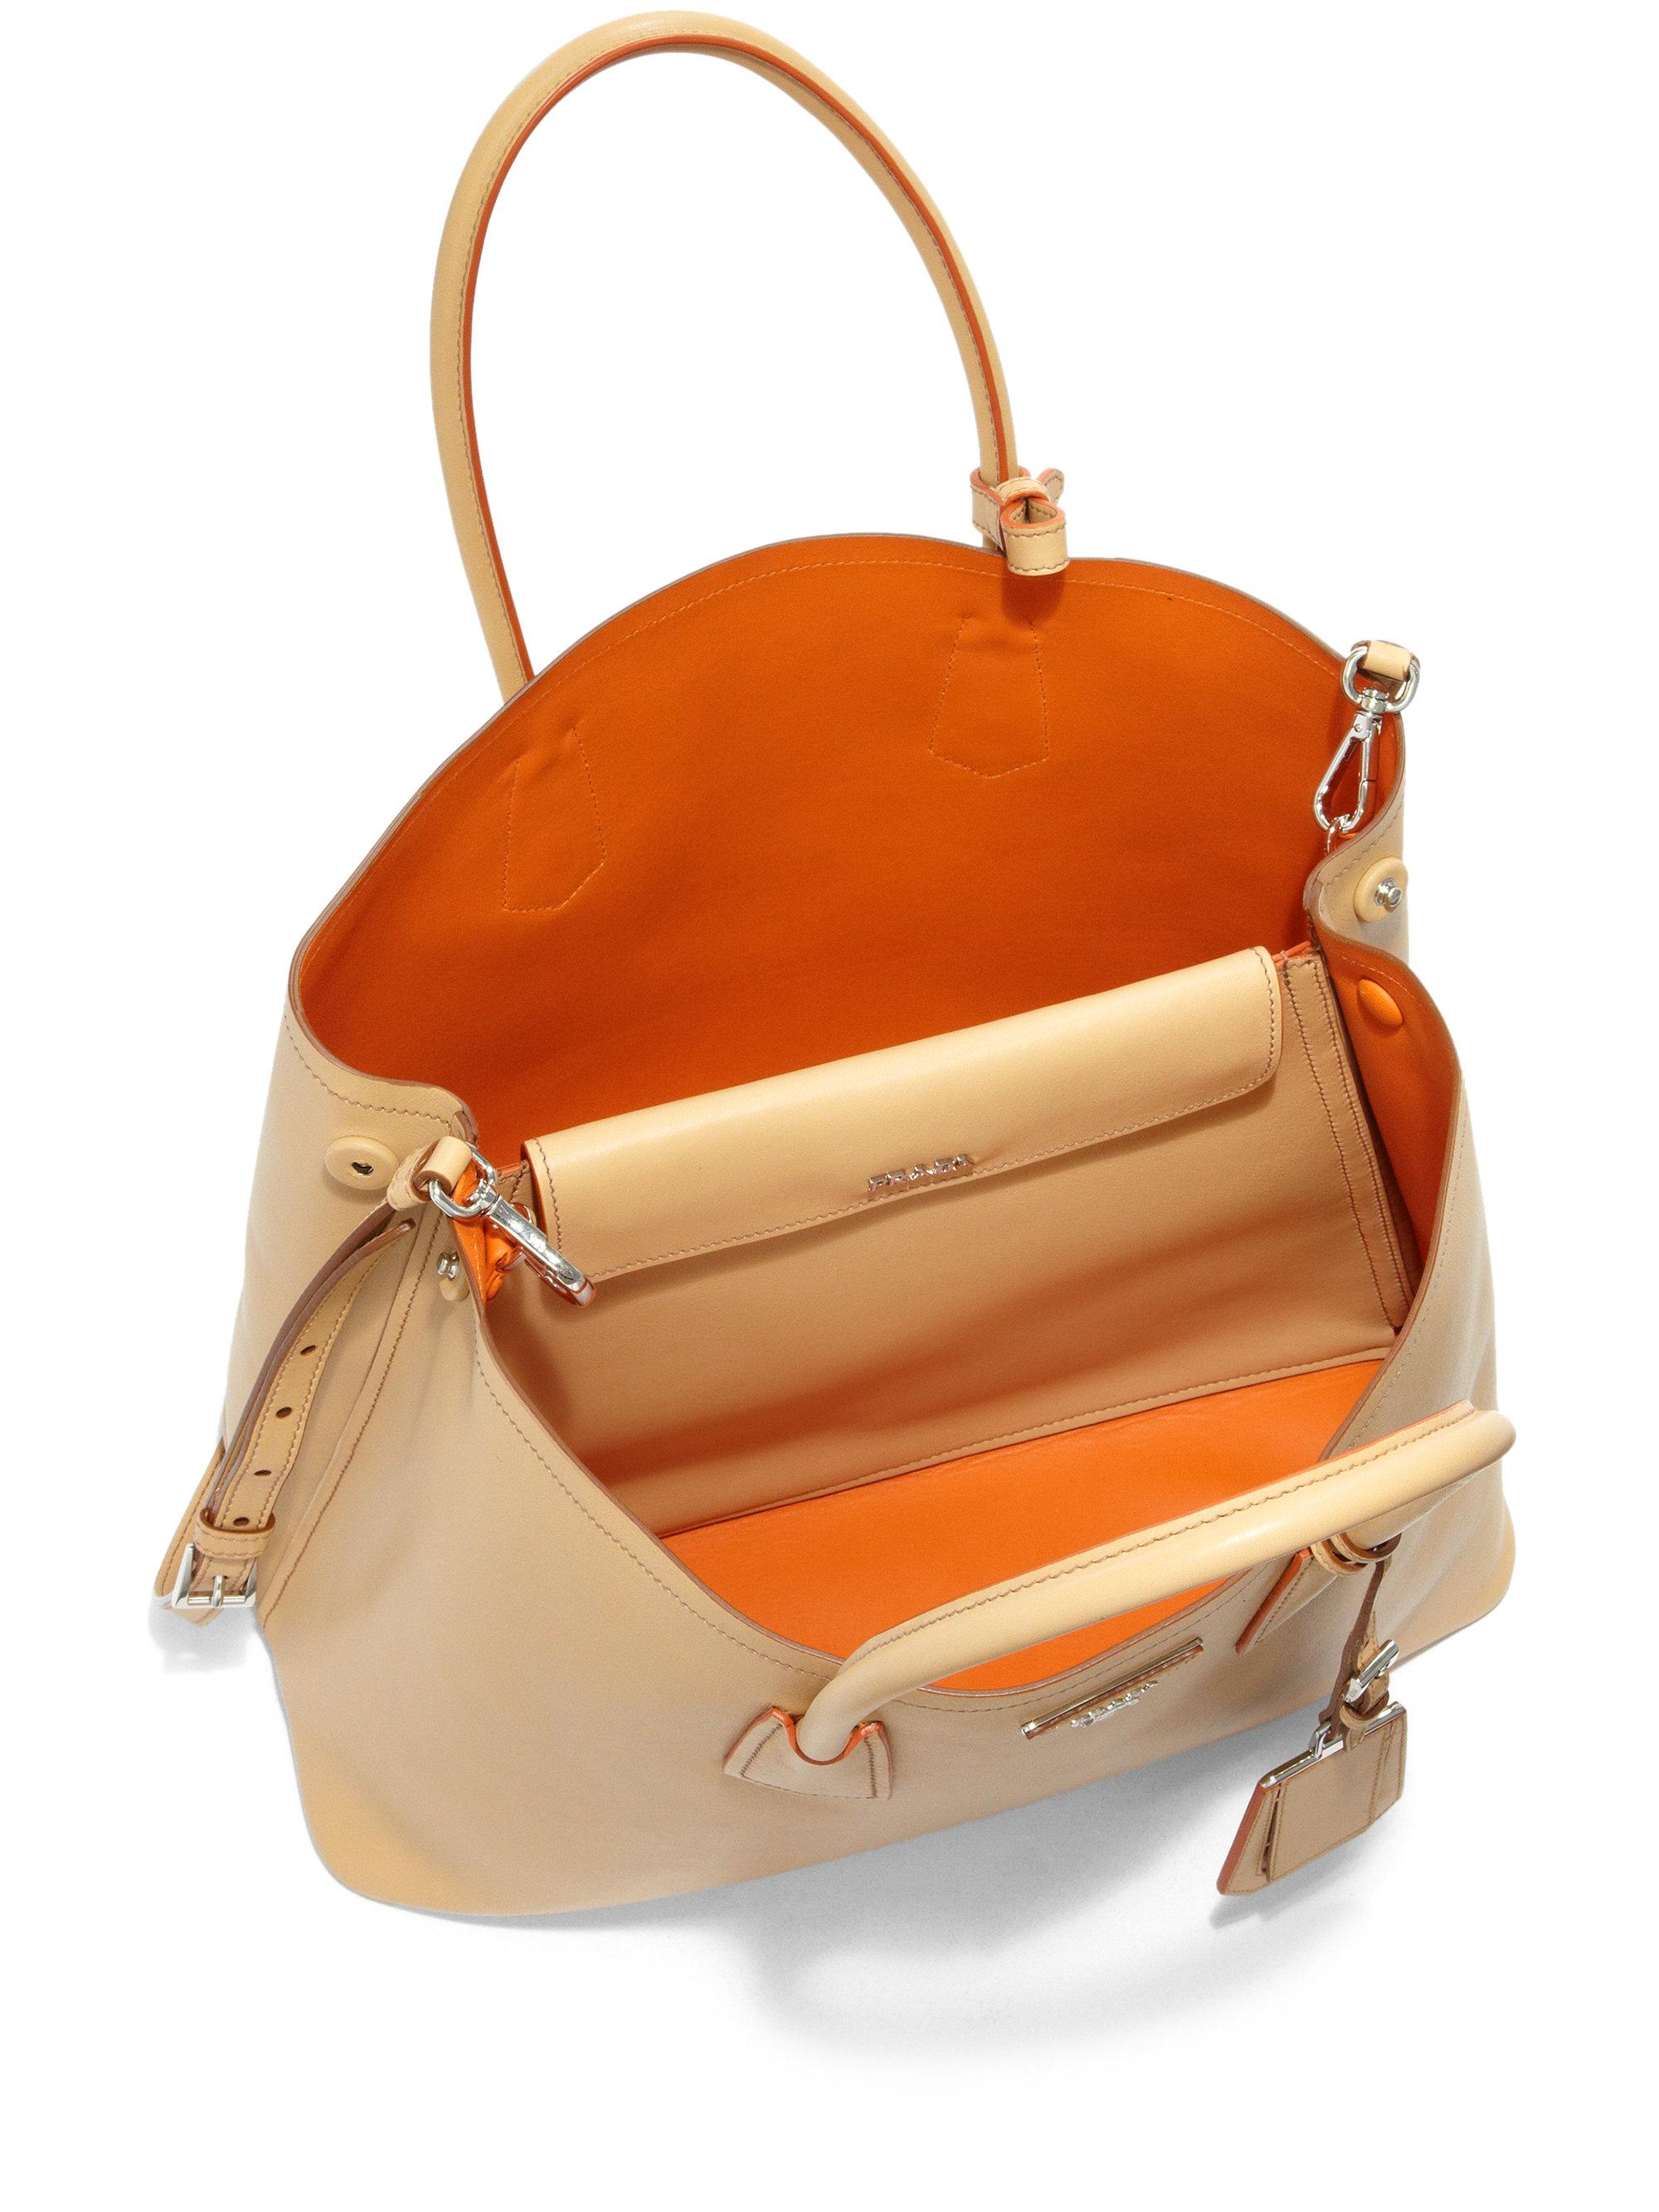 Lyst - Prada City Calf Medium Double Bag in Natural 43460ec32b